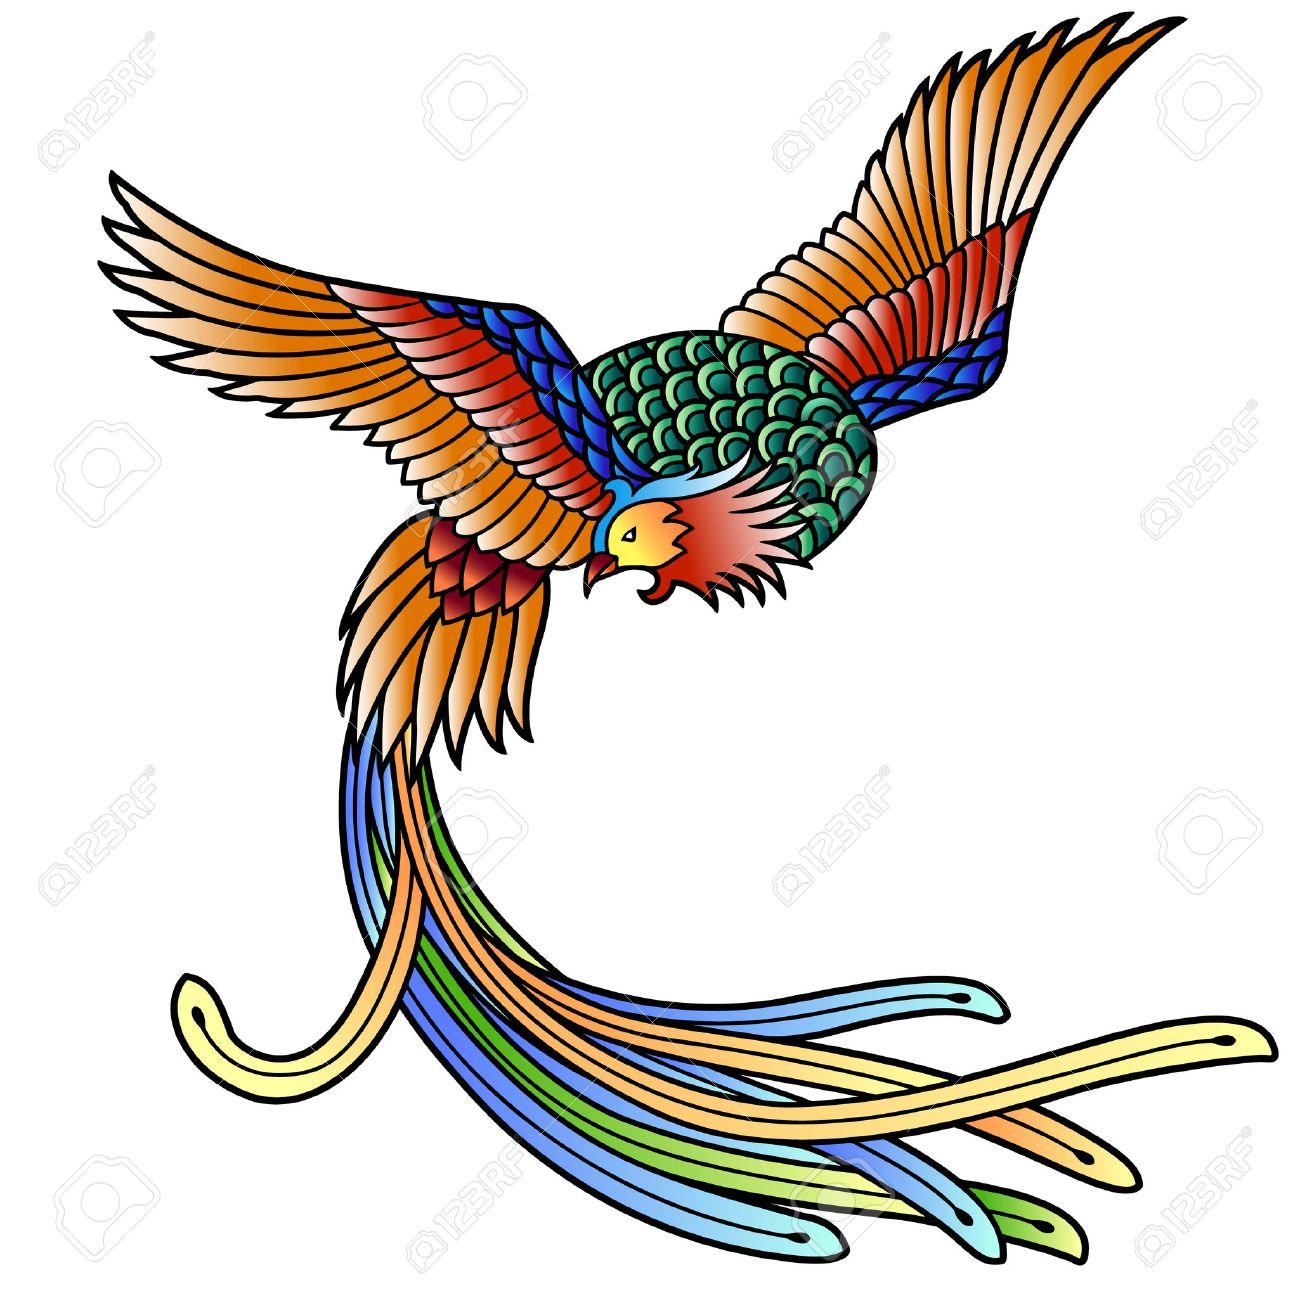 Chinese phoenix - 25196943